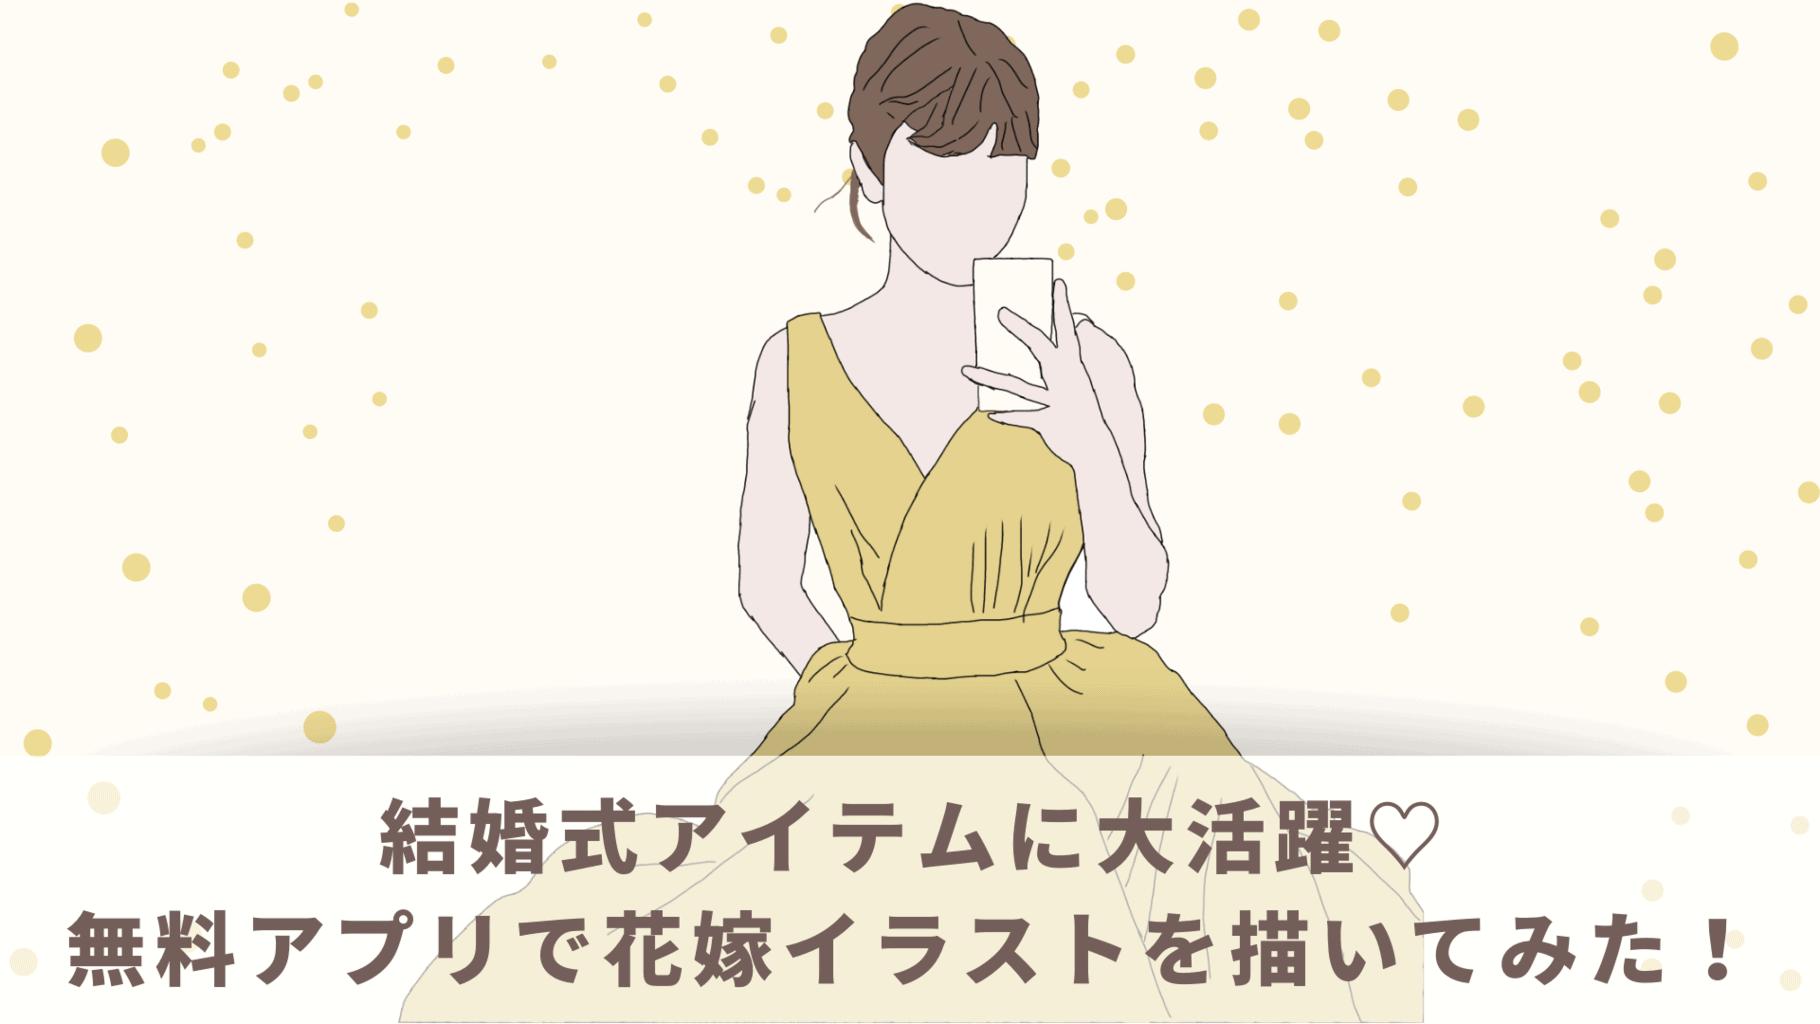 結婚式アイテムに大活躍♡無料アプリで『花嫁イラスト』を描いてみた!のカバー写真 0.5626373626373626